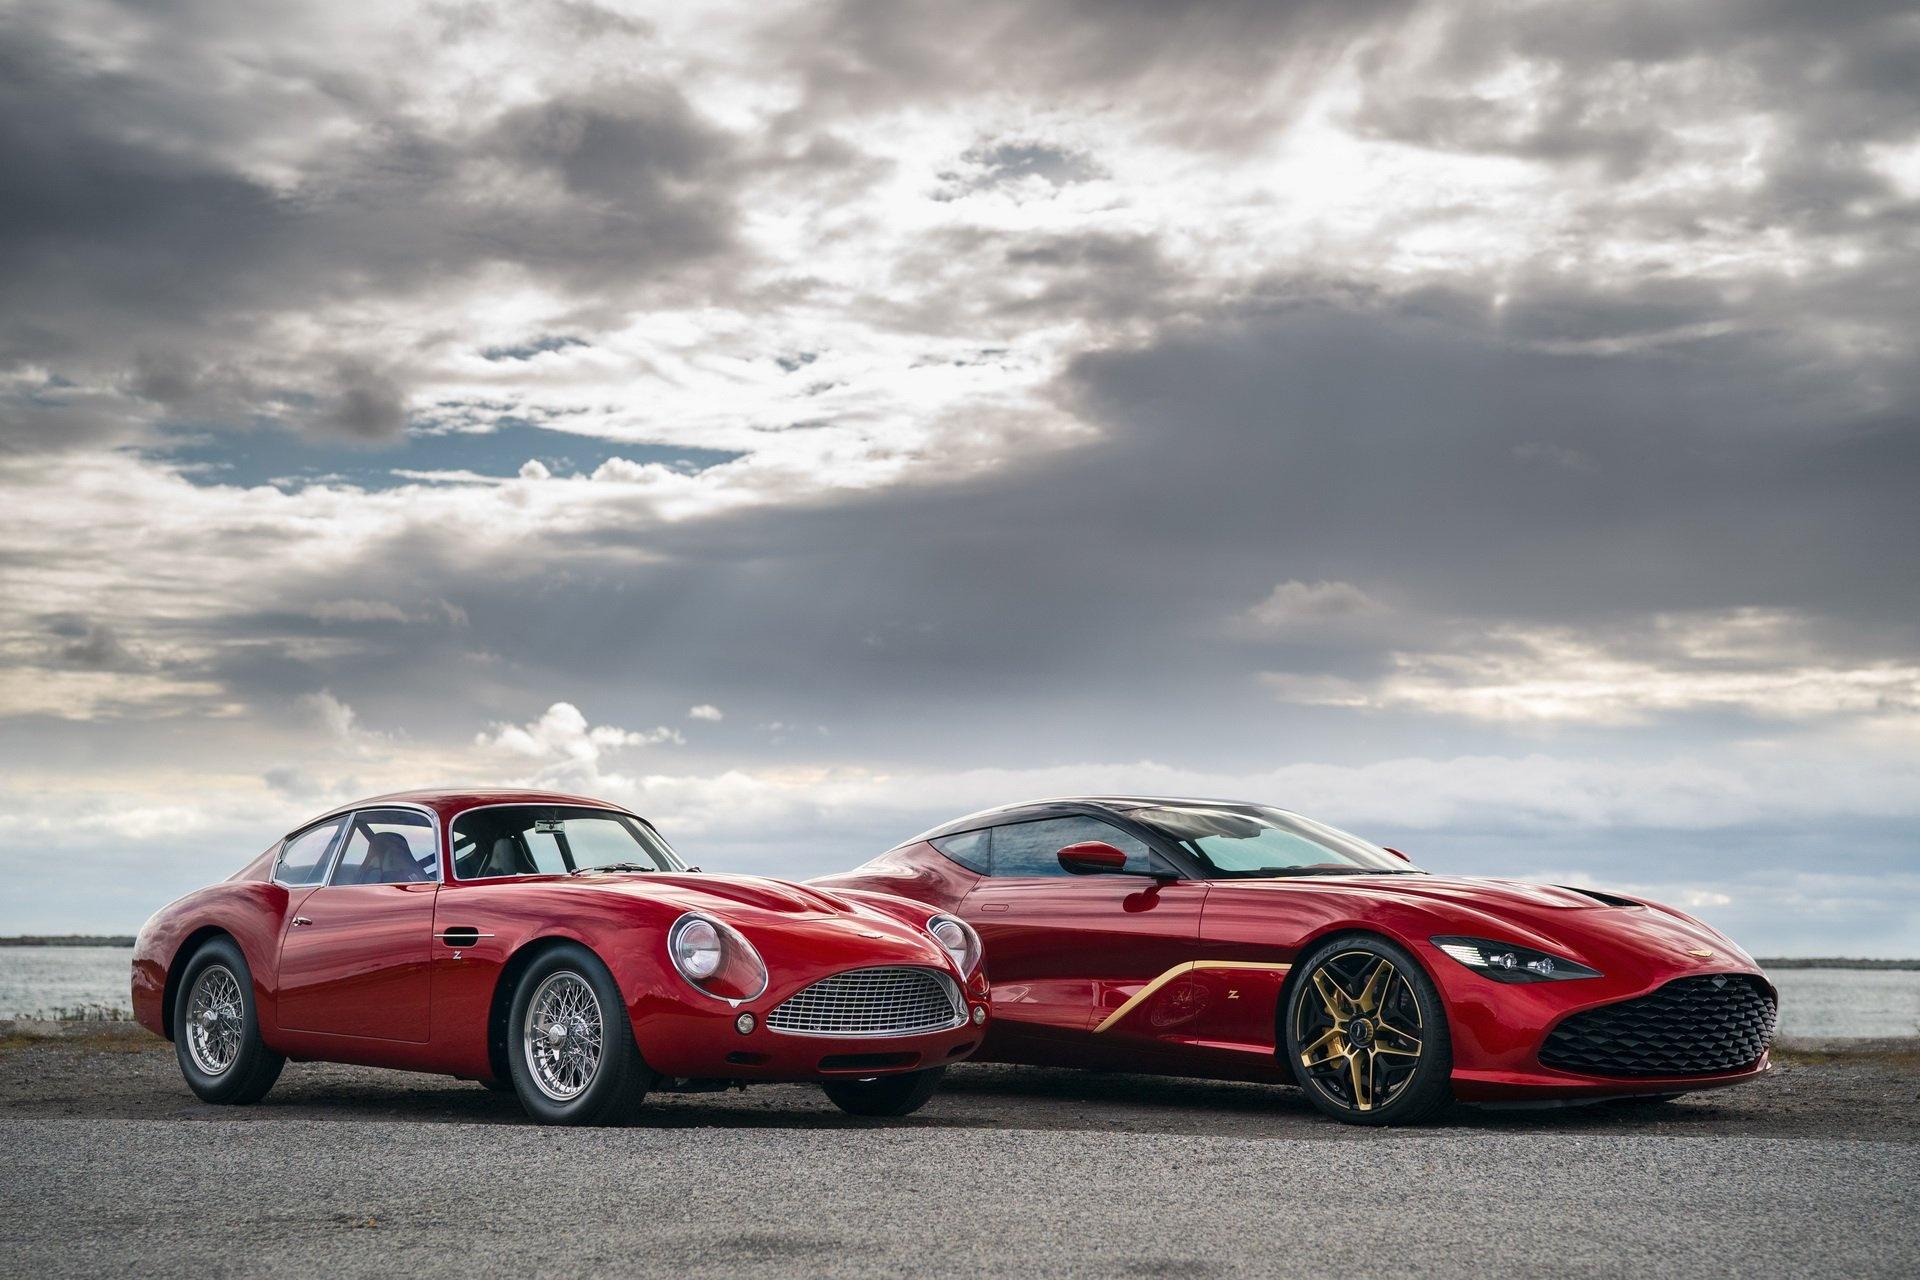 Aston Martin ra mat sieu xe dat vang gia trieu USD hinh anh 7